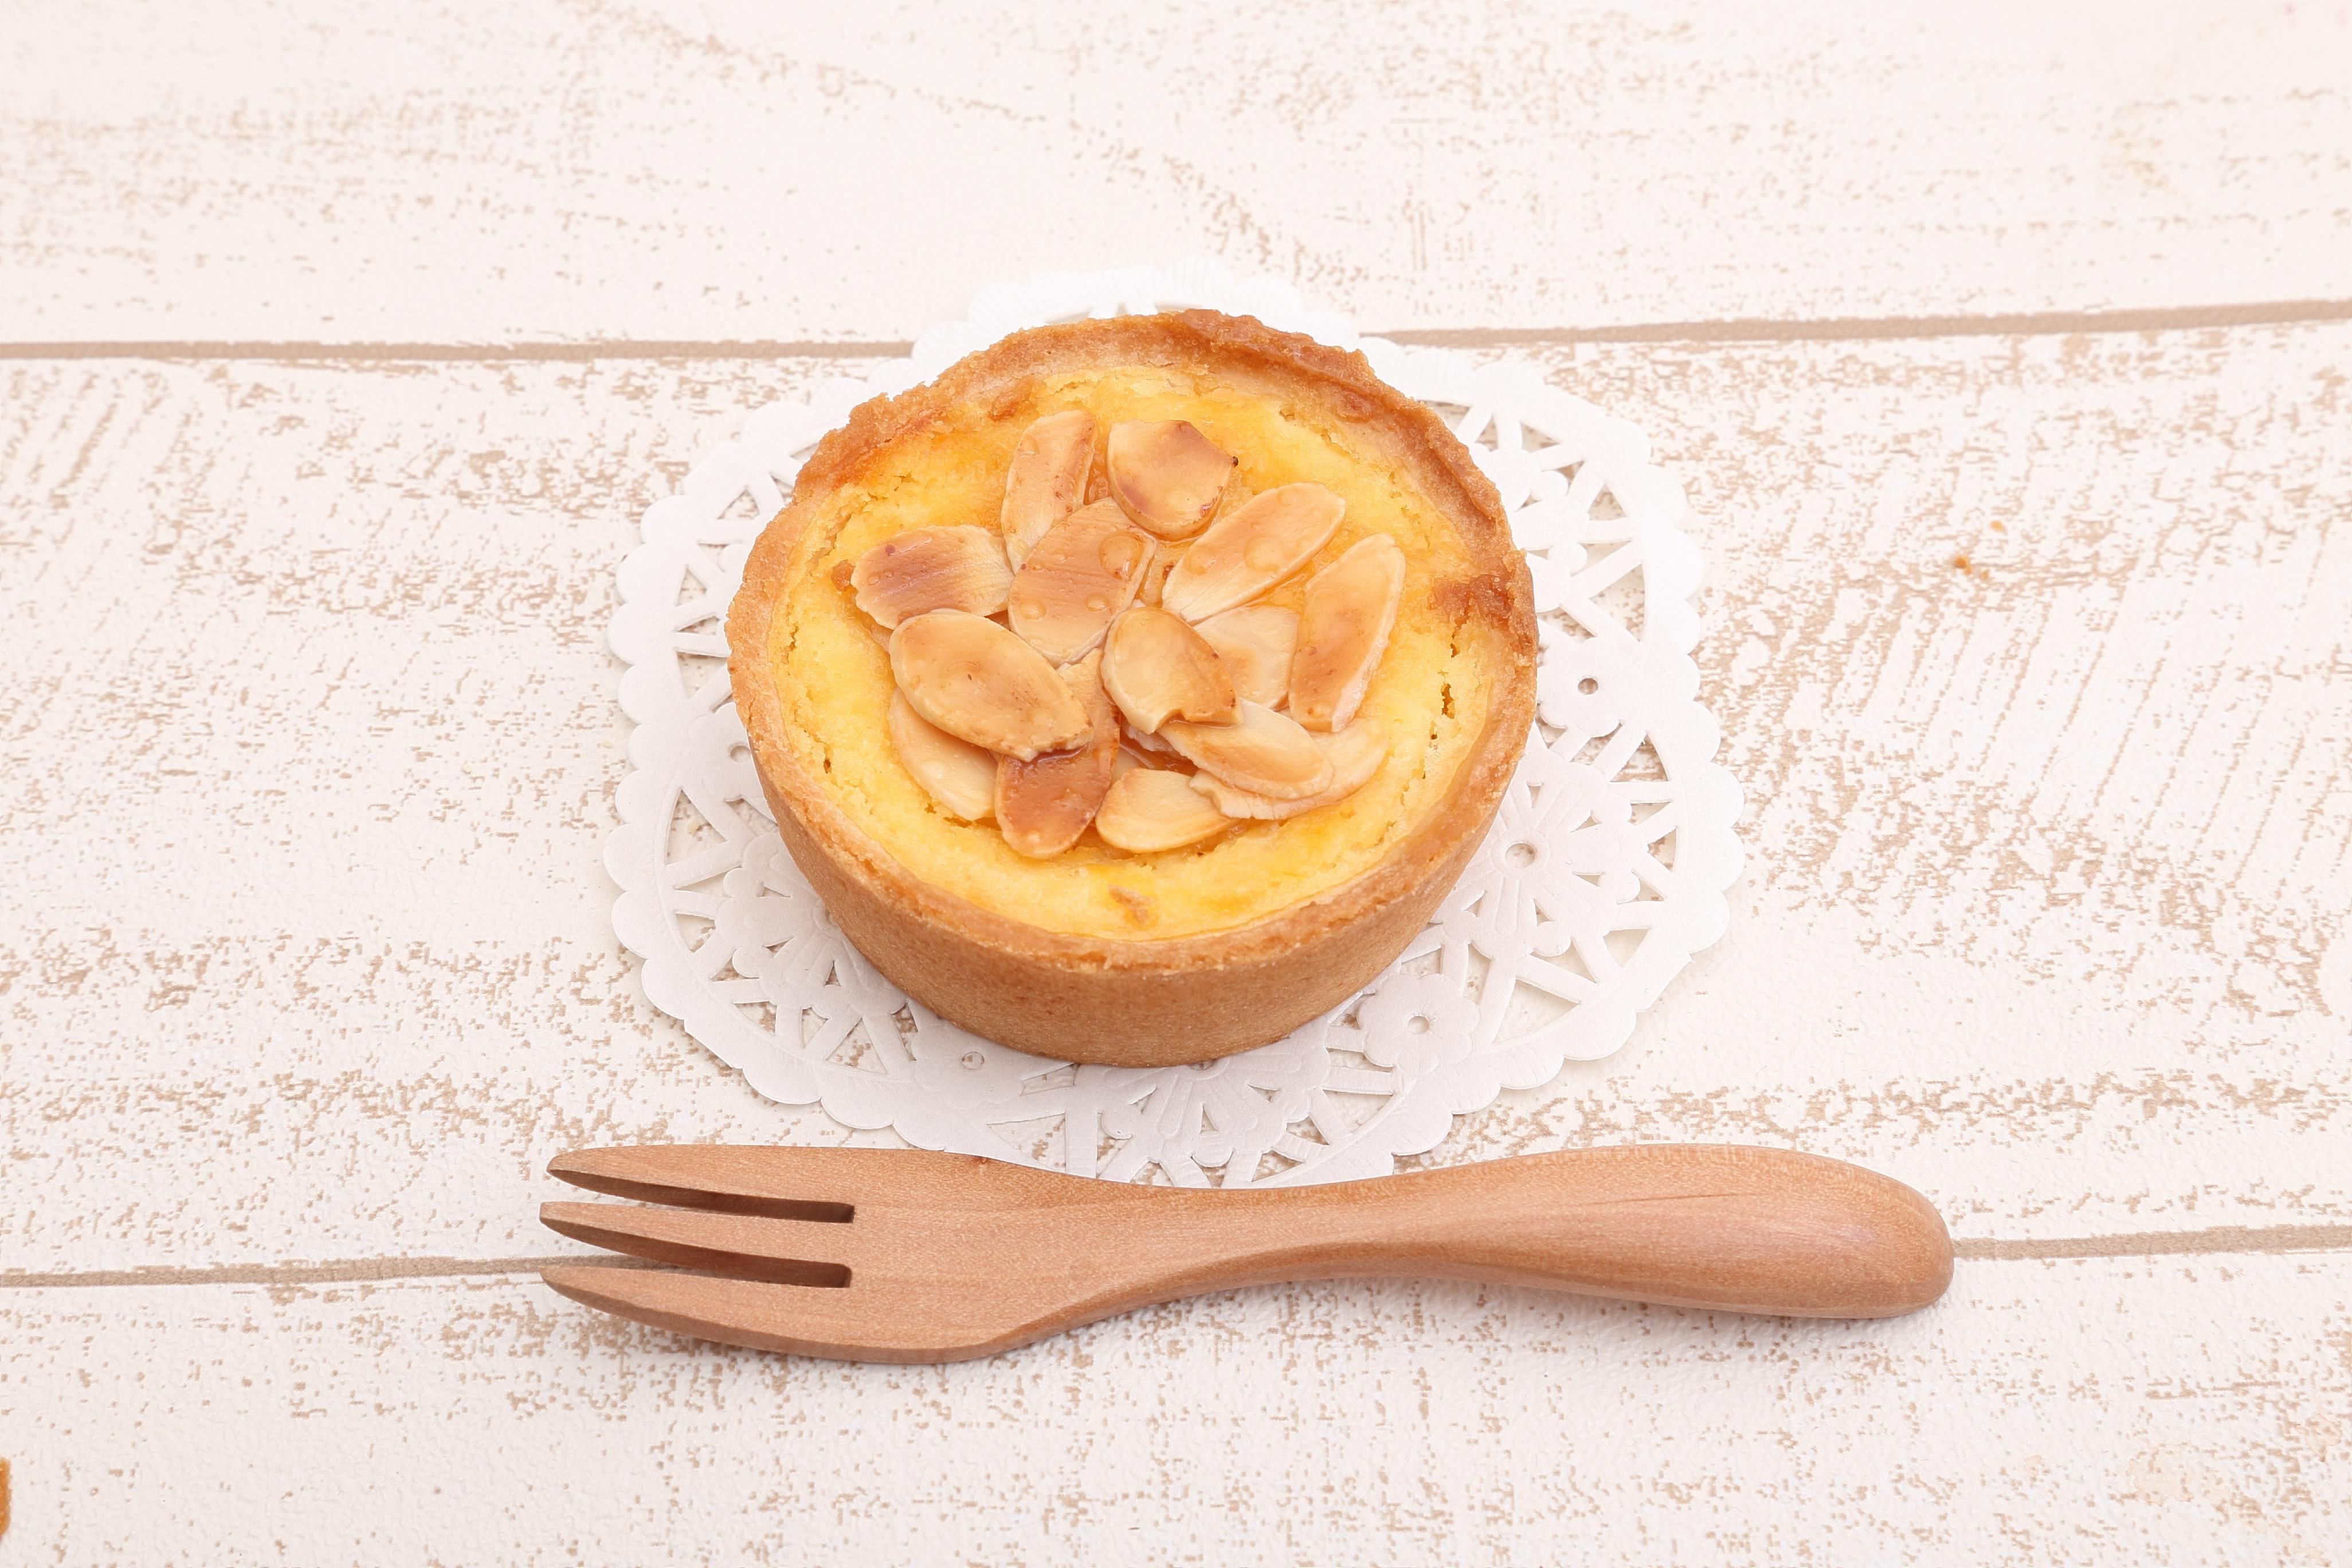 素焼きアーモンド 1kg 無添加 送料無料 アーモンド ナッツ おつまみ 無塩 (食塩・砂糖不使用) 無油 (ノンオイル) 無添加 (素焼き) ロースト アーモンド(Almond) おやつ